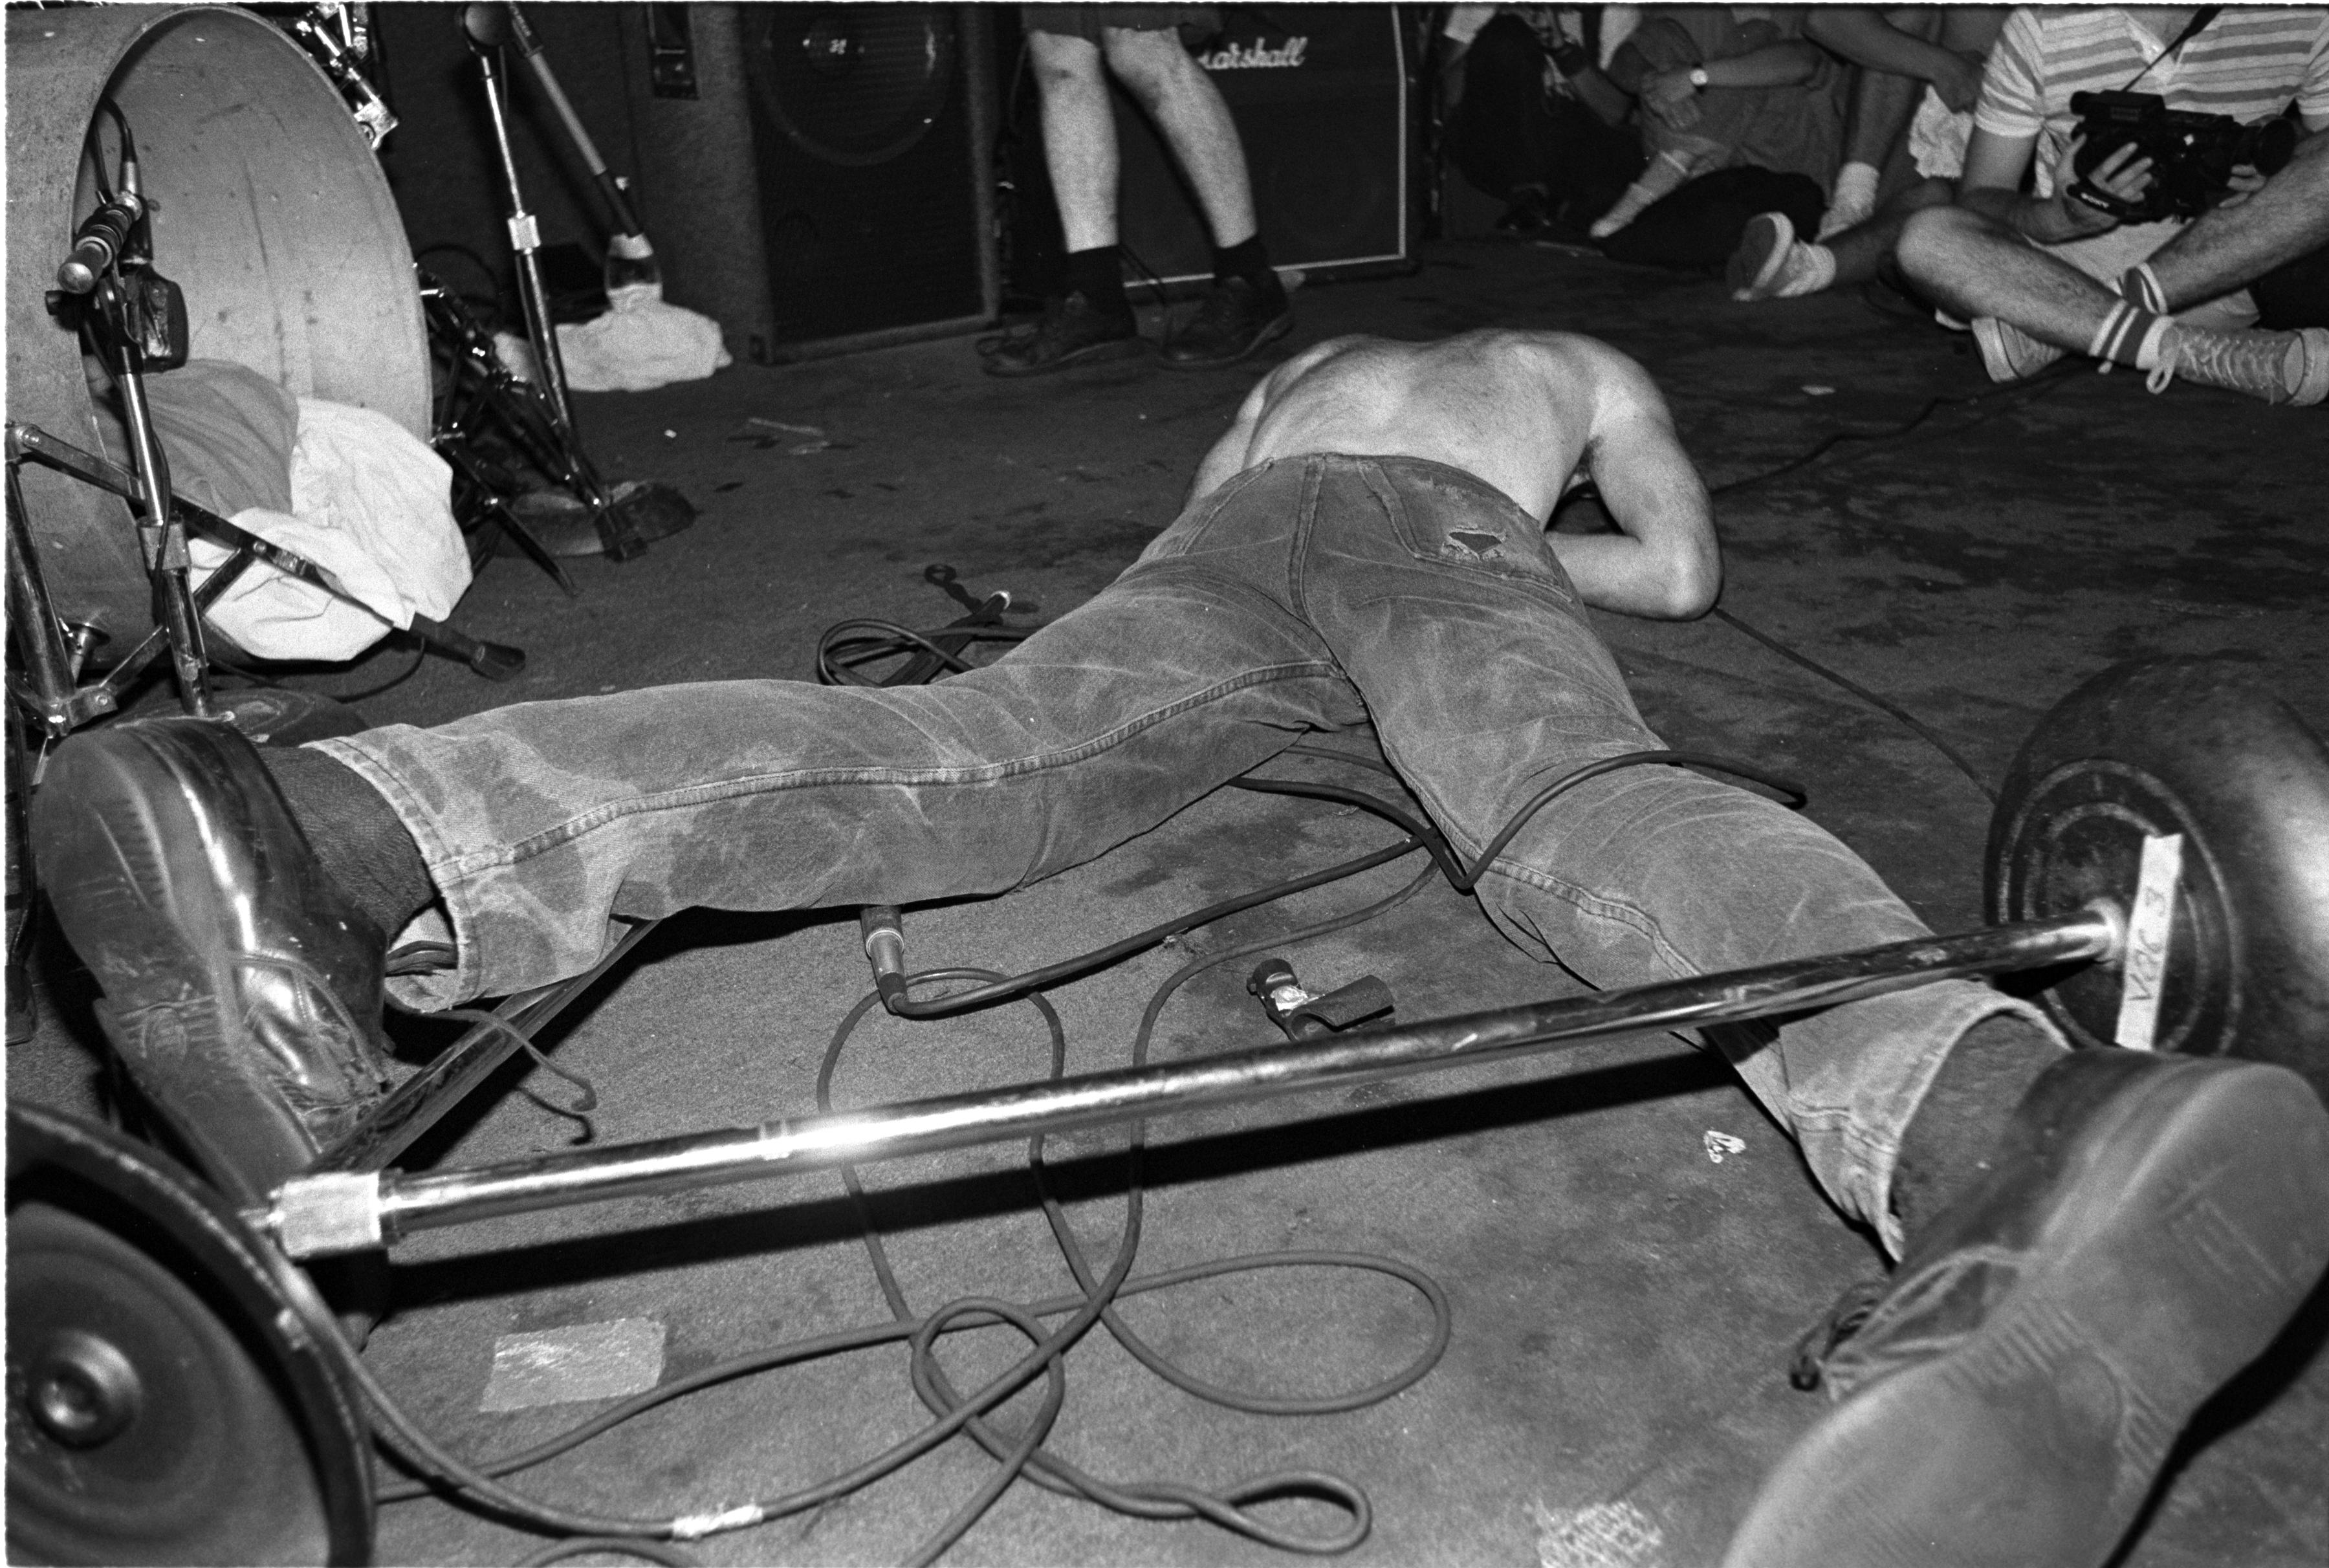 Fugazi 1989 (photo by Jim Saah)